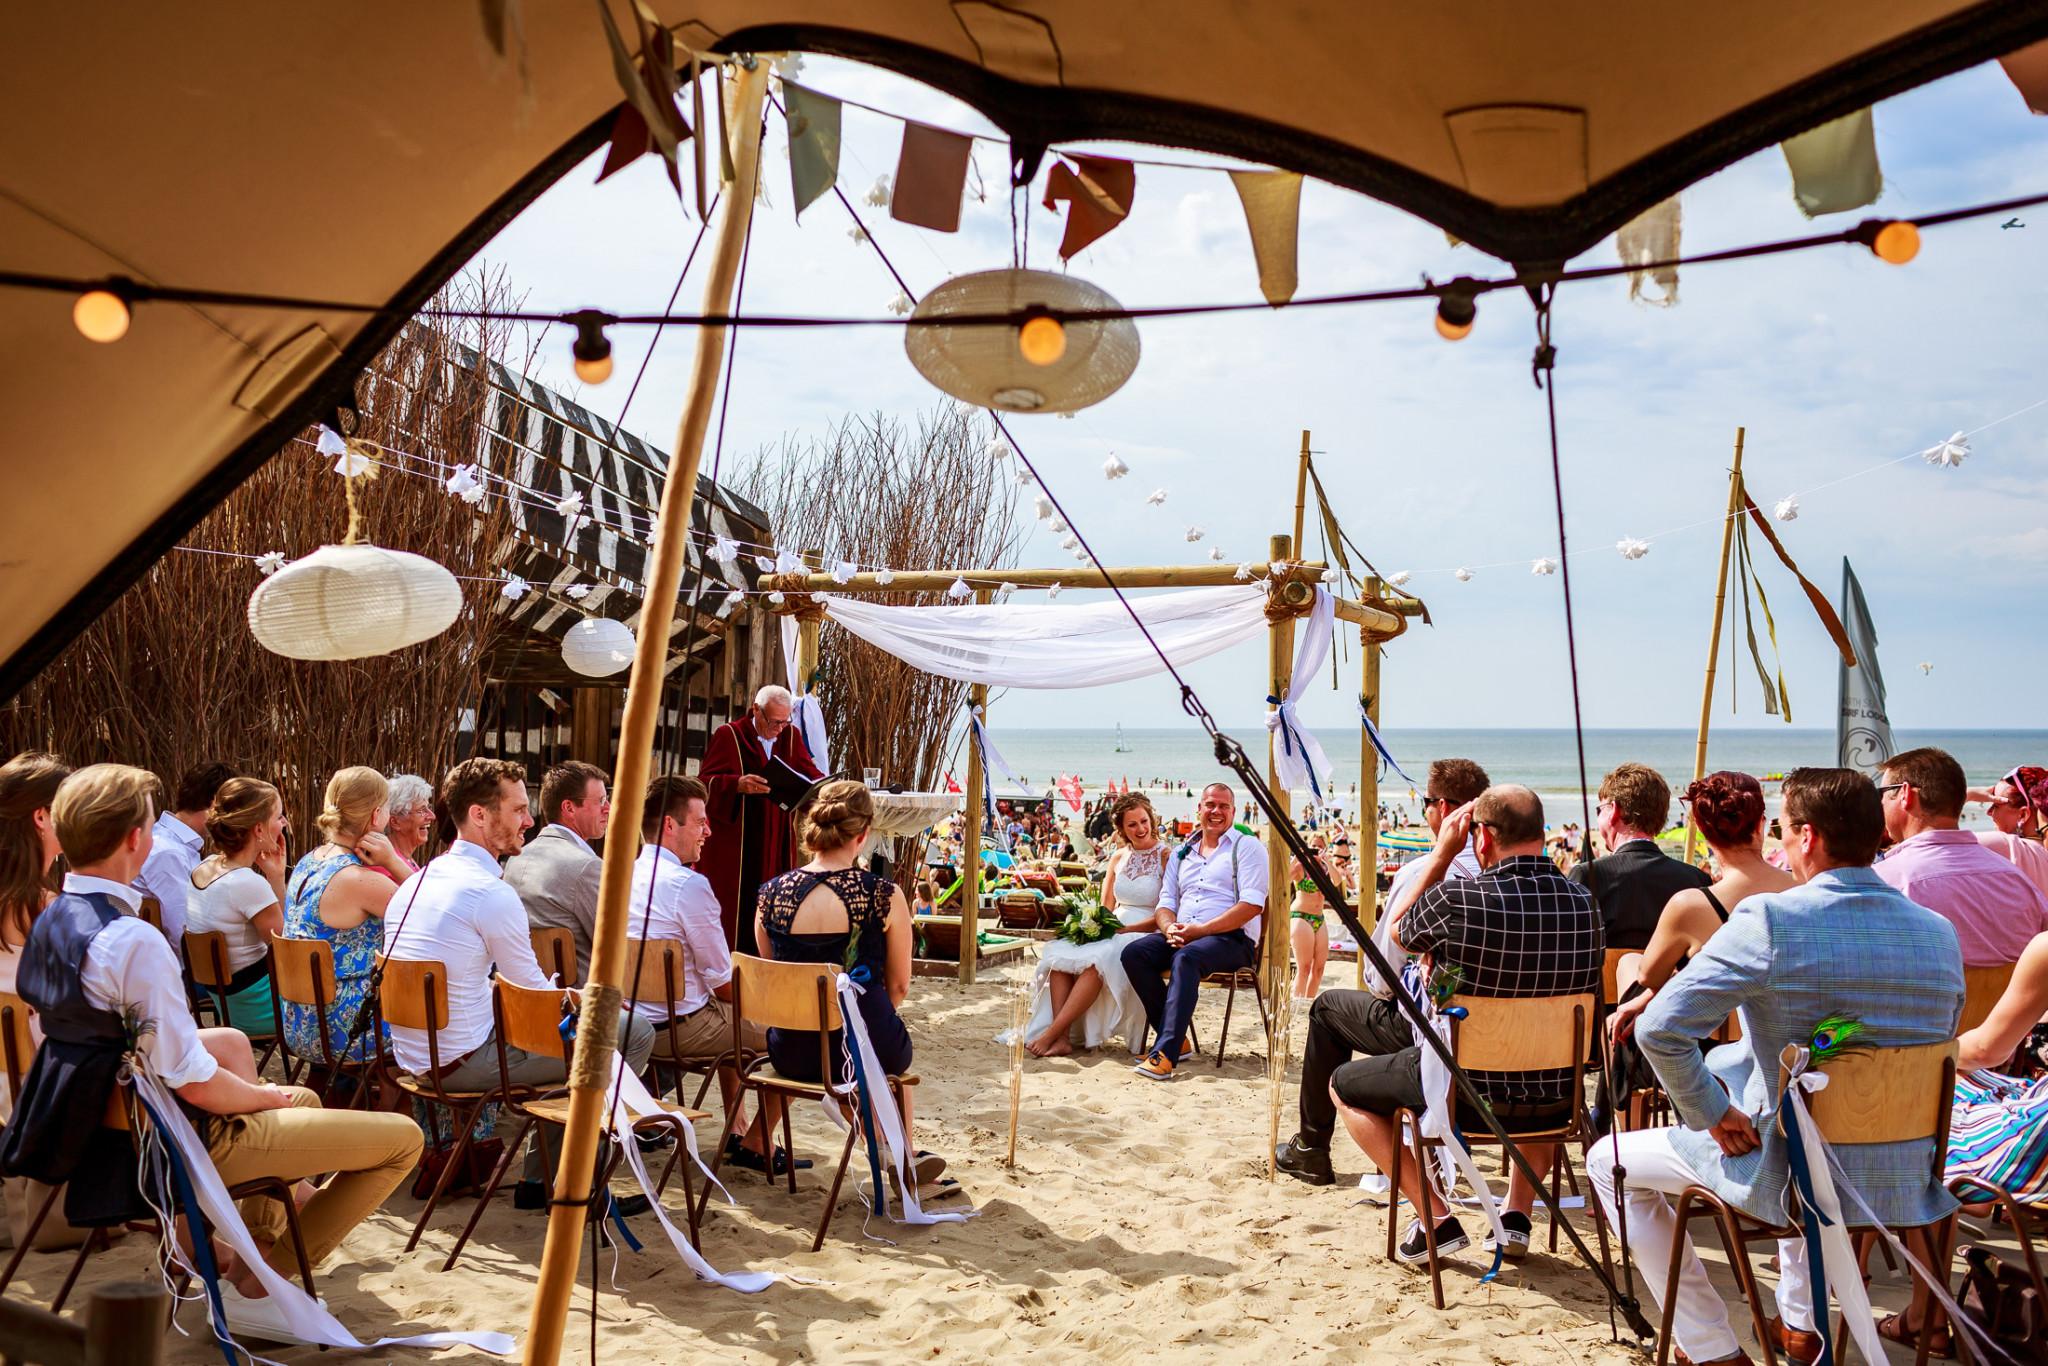 Strandbruiloft   Trouwen op het strand   trouwceremonie strand   Safari lodge bruiloft